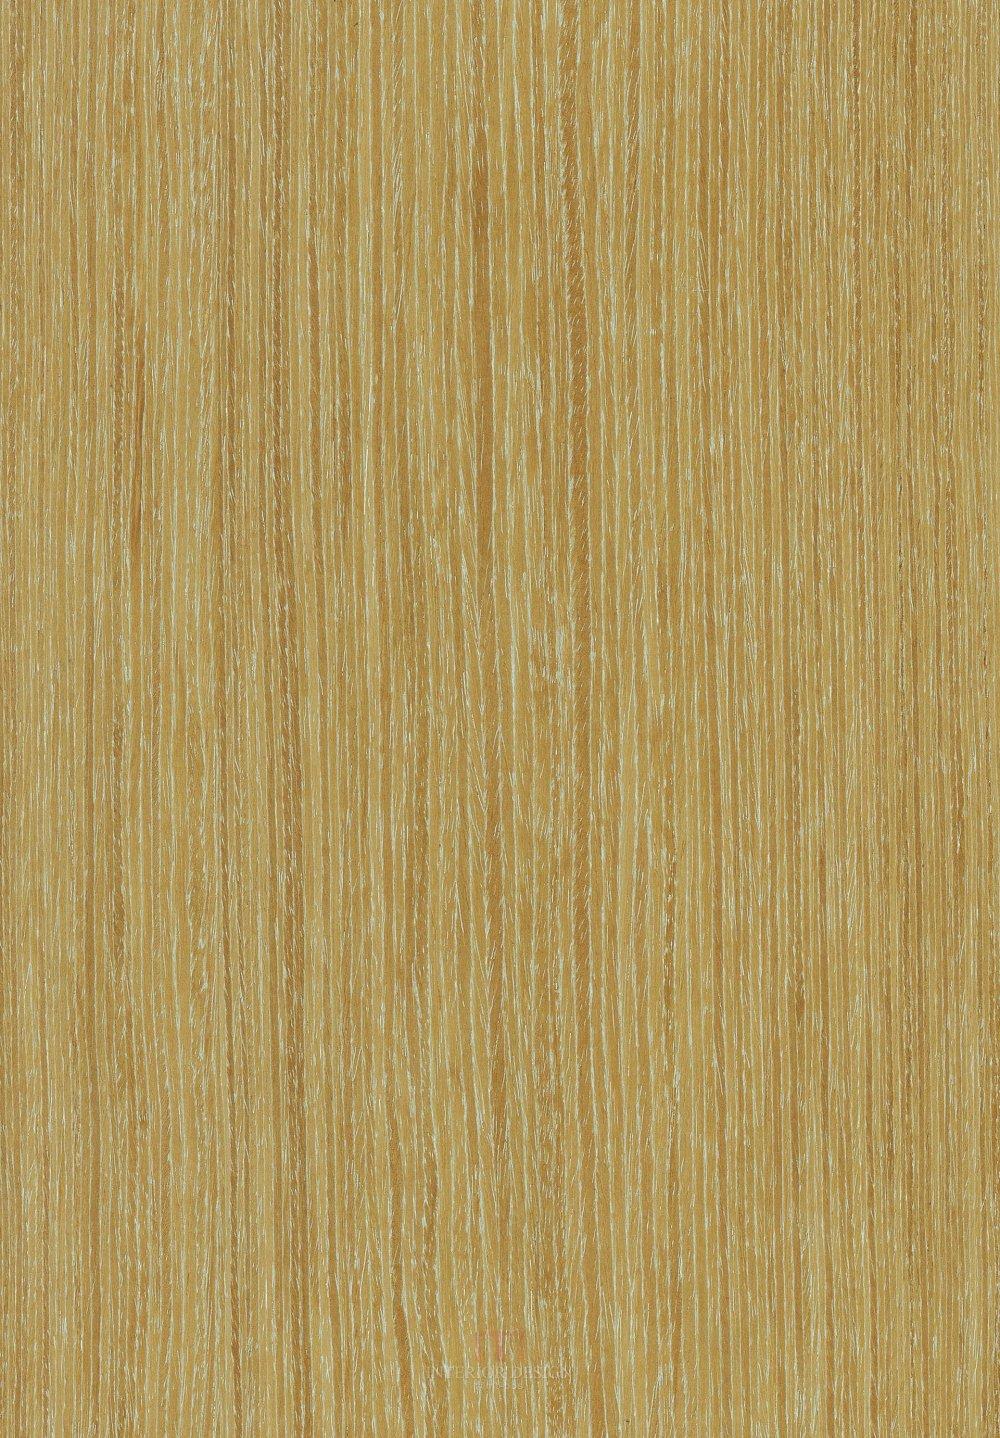 人造木纹_K6205_F0603.jpg